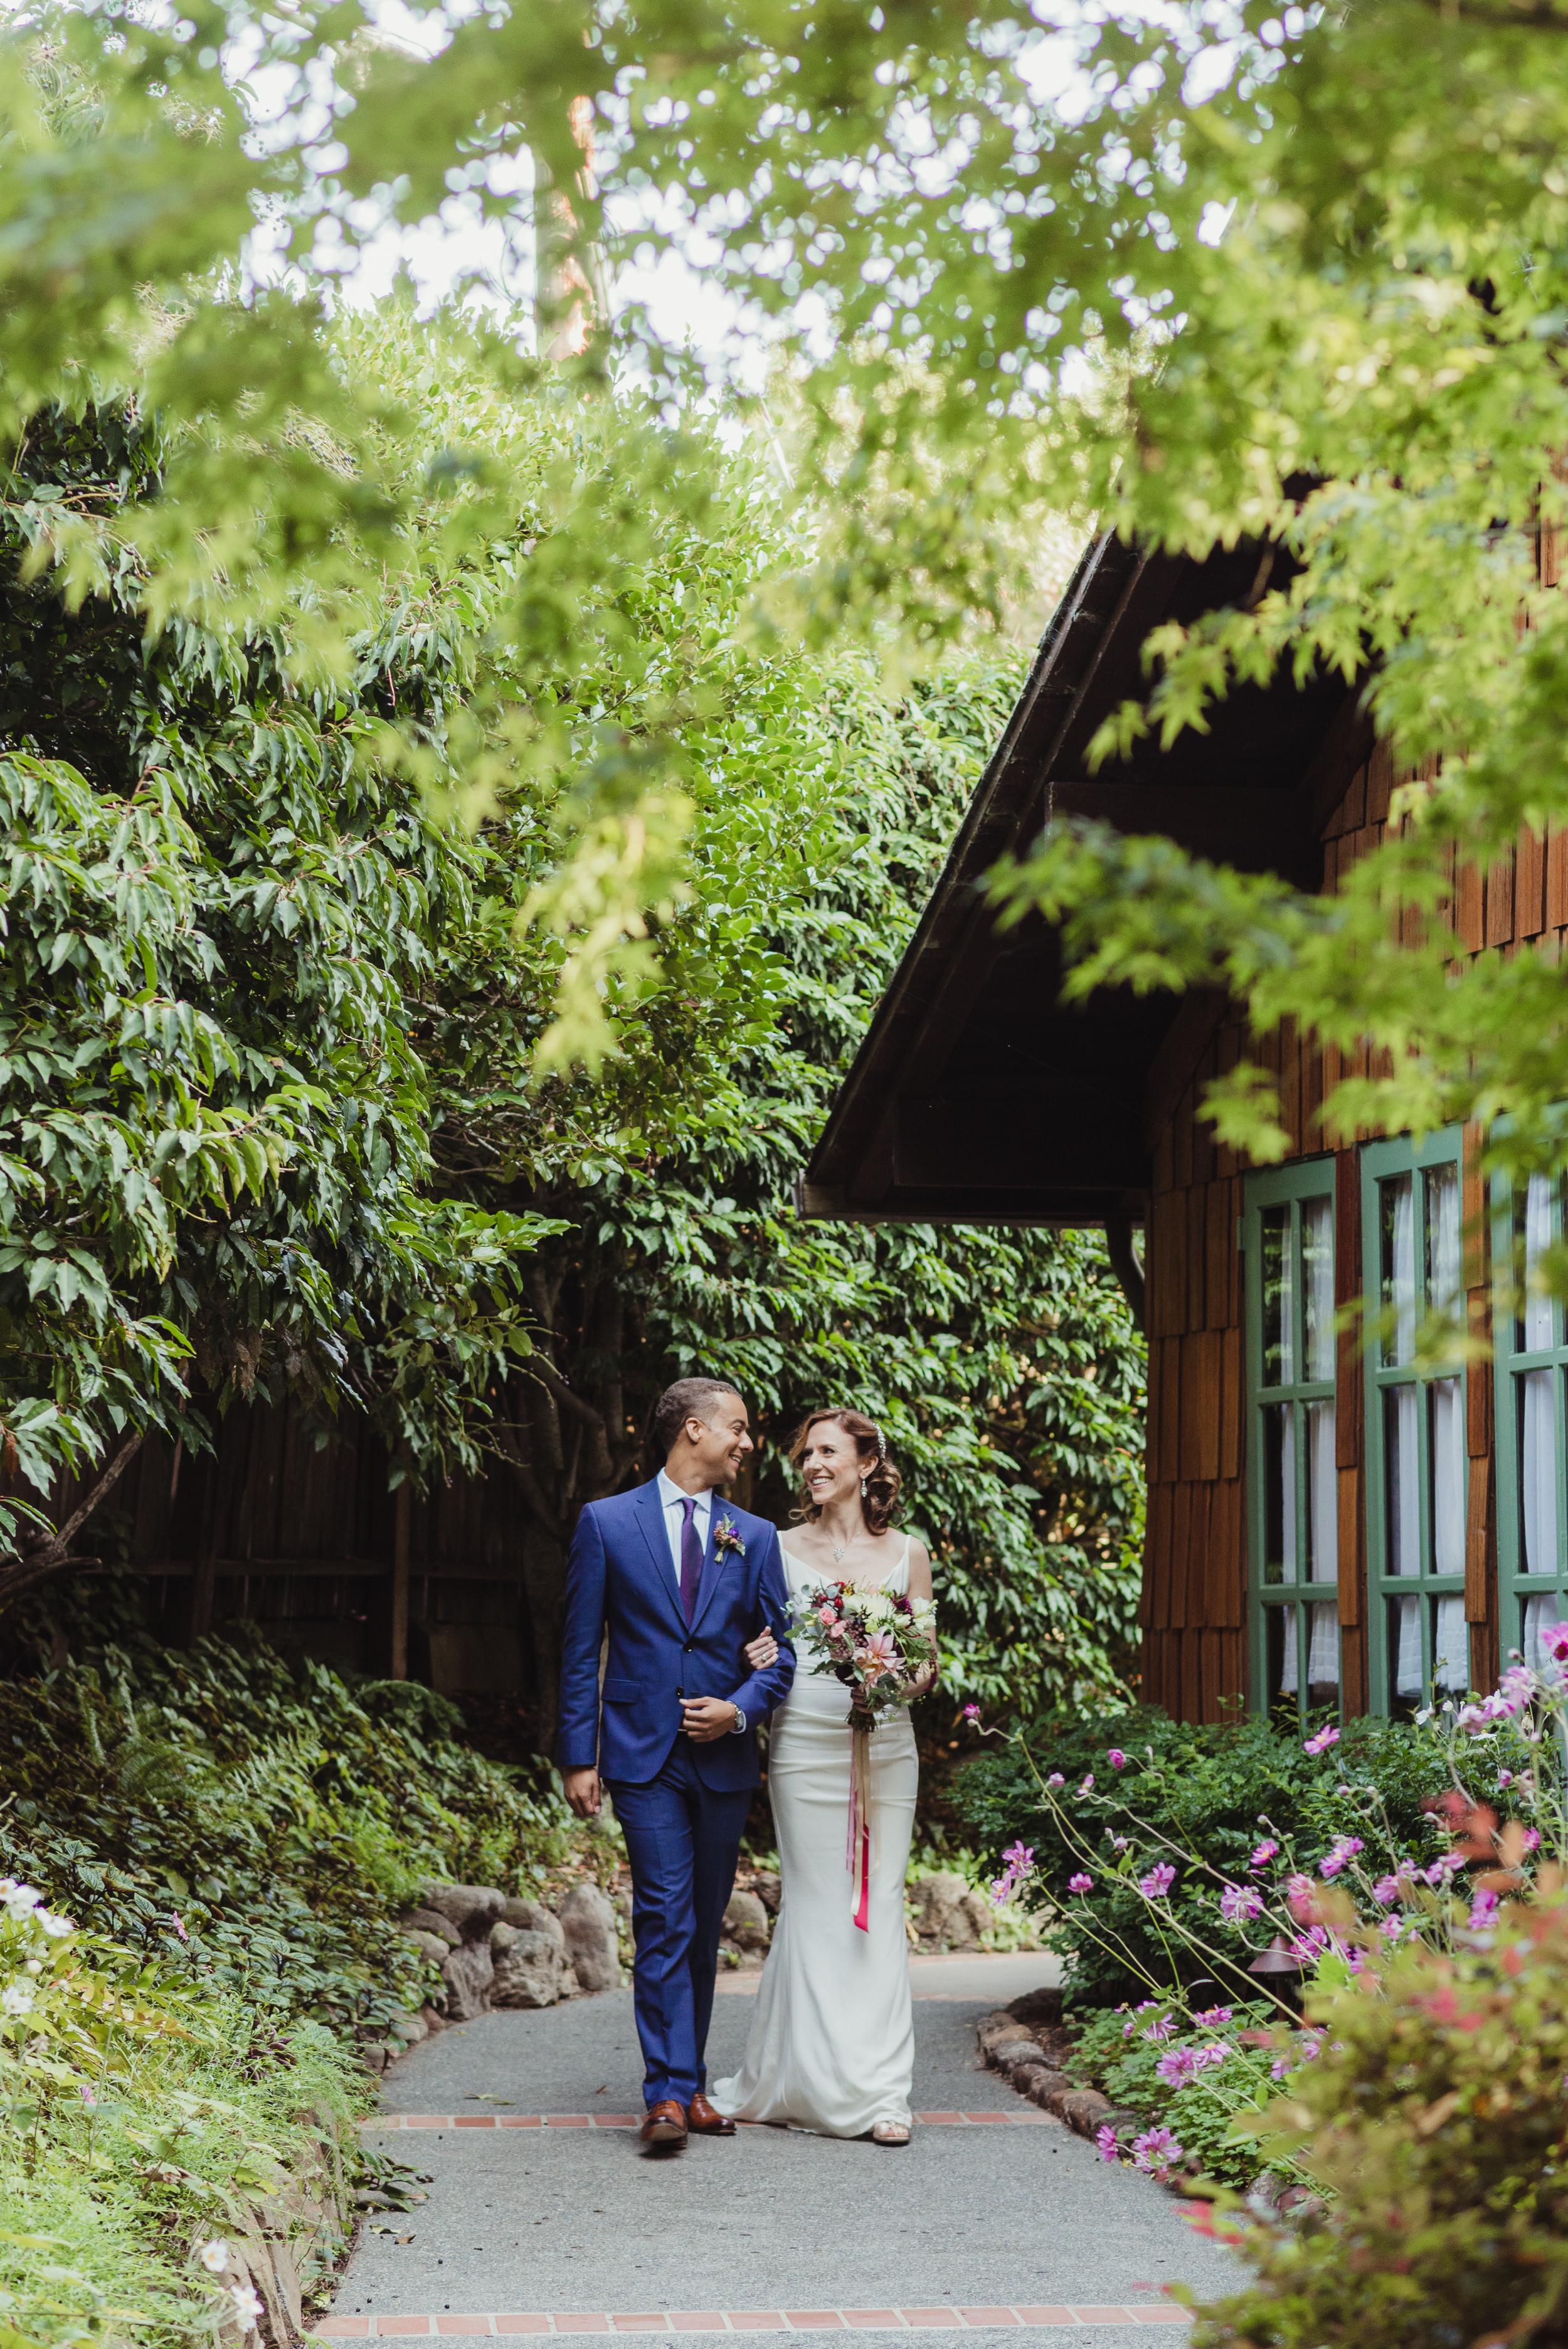 27-outdoor-art-club-wedding-vivianchen-183.jpg